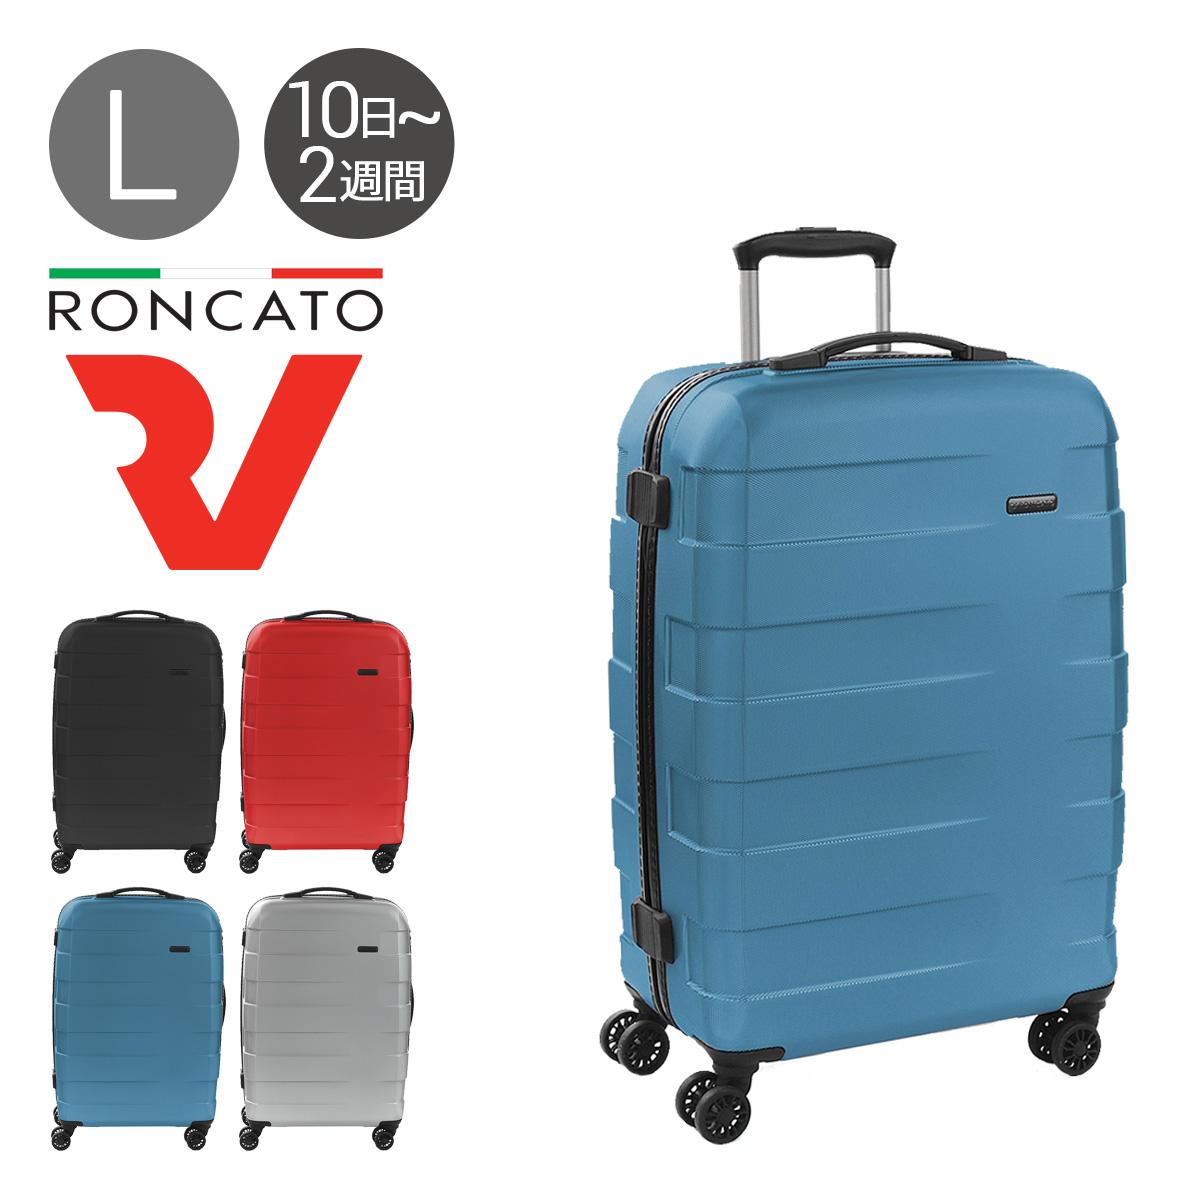 ロンカ-ト スーツケース 97L 68cm 3.6kg ハード ファスナー アールブイ・エイティーン 5801 イタリア製 RONCATO RV-18 | キャリーケース 軽量 TSAロック搭載 5年保証[PO10][bef]